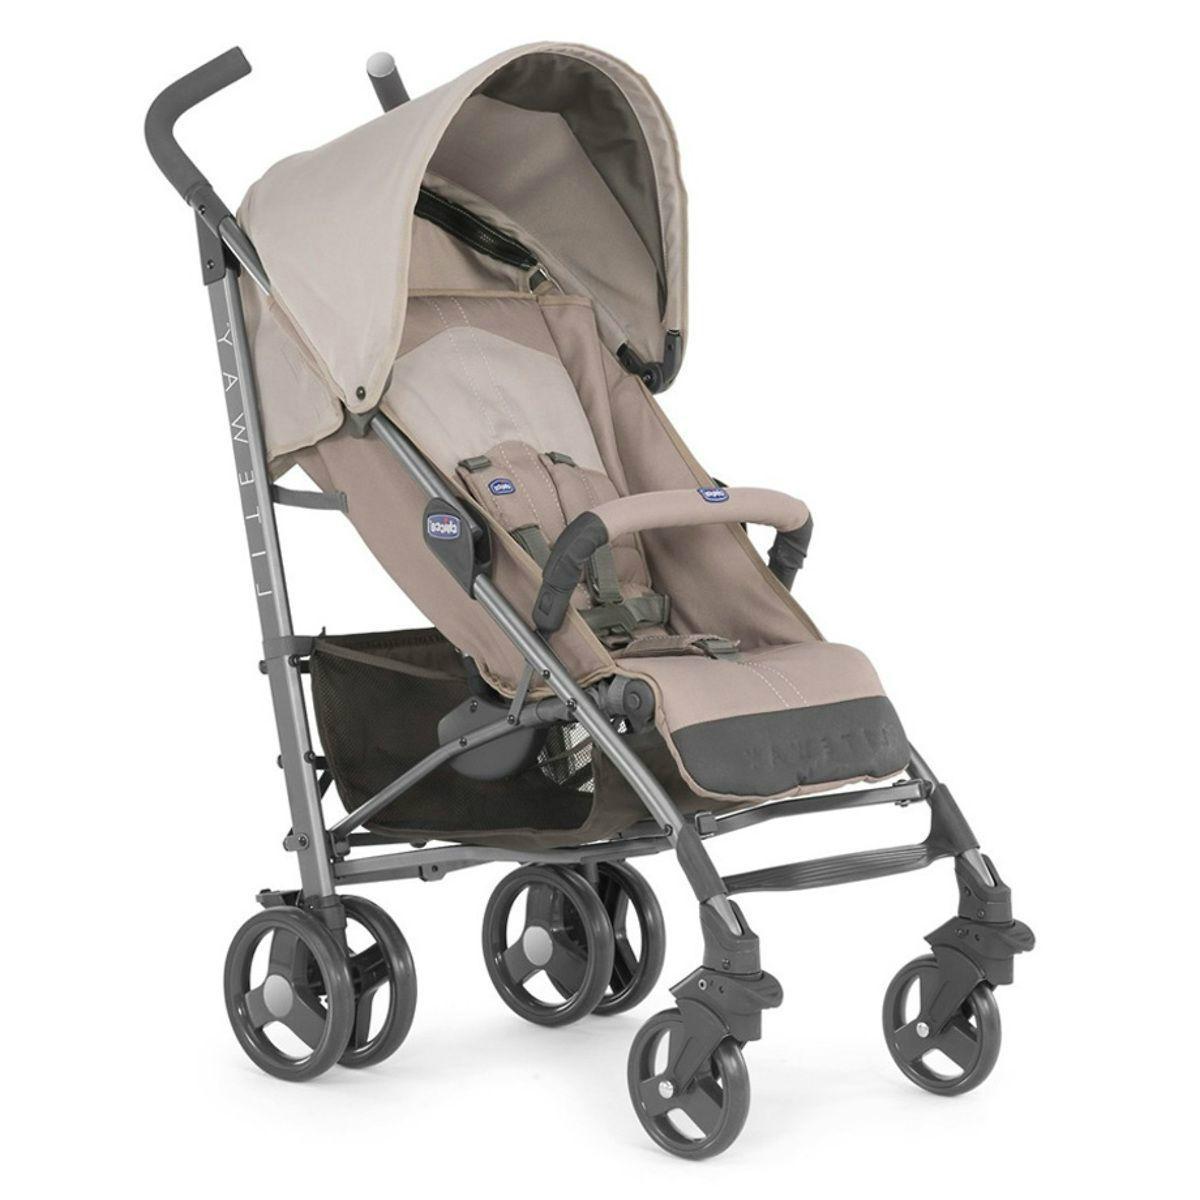 19+ Chicco stroller price in dubai ideas